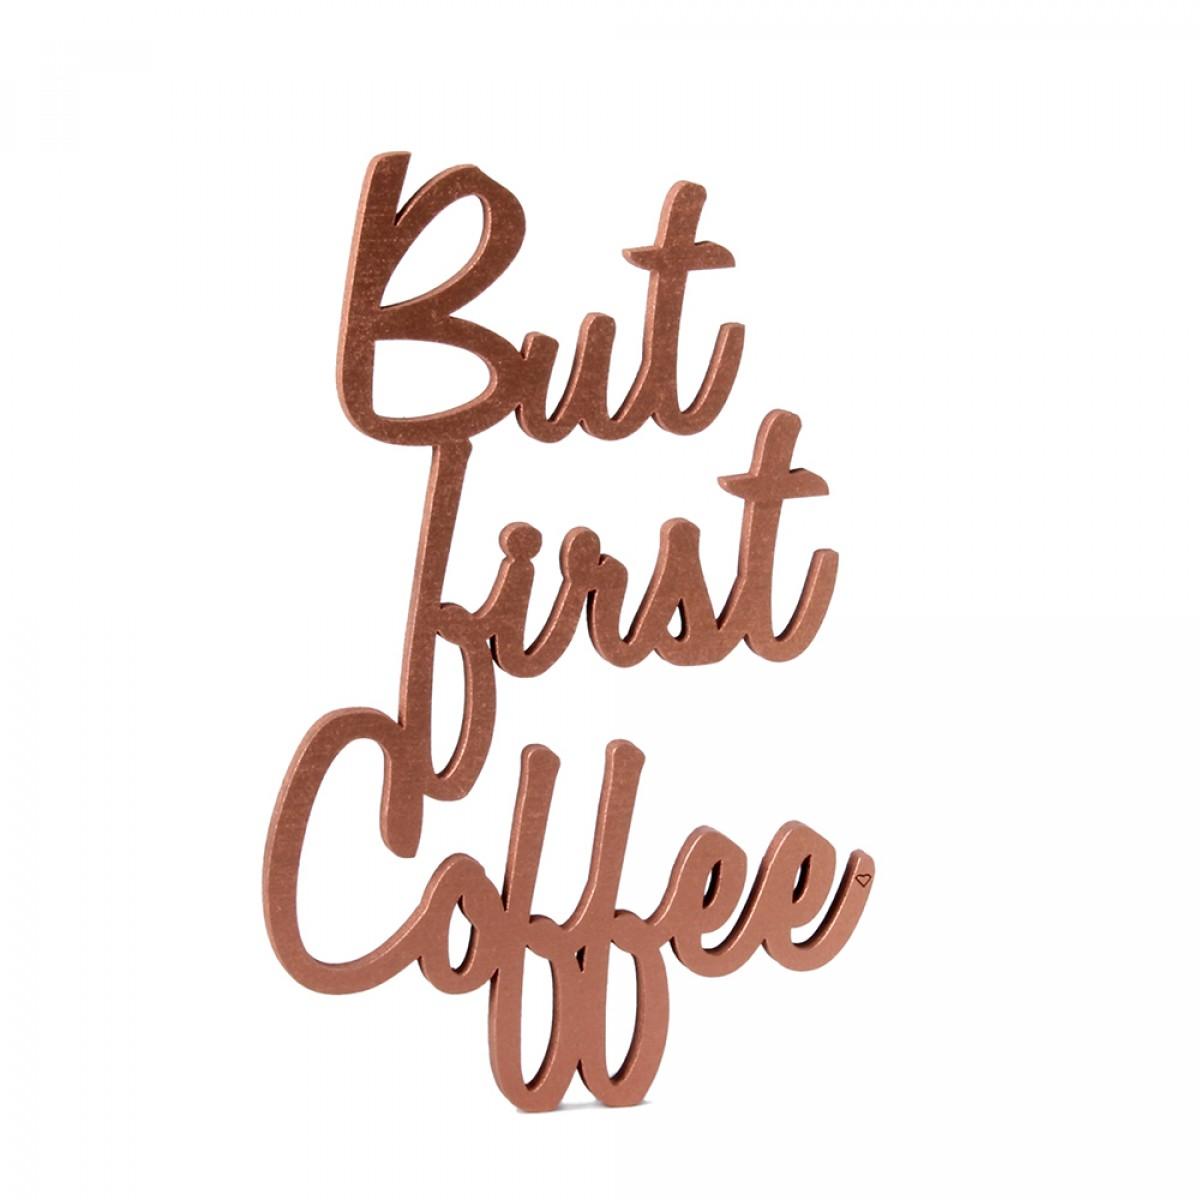 NOGALLERY But first coffee - Deko Schriftzug Holz